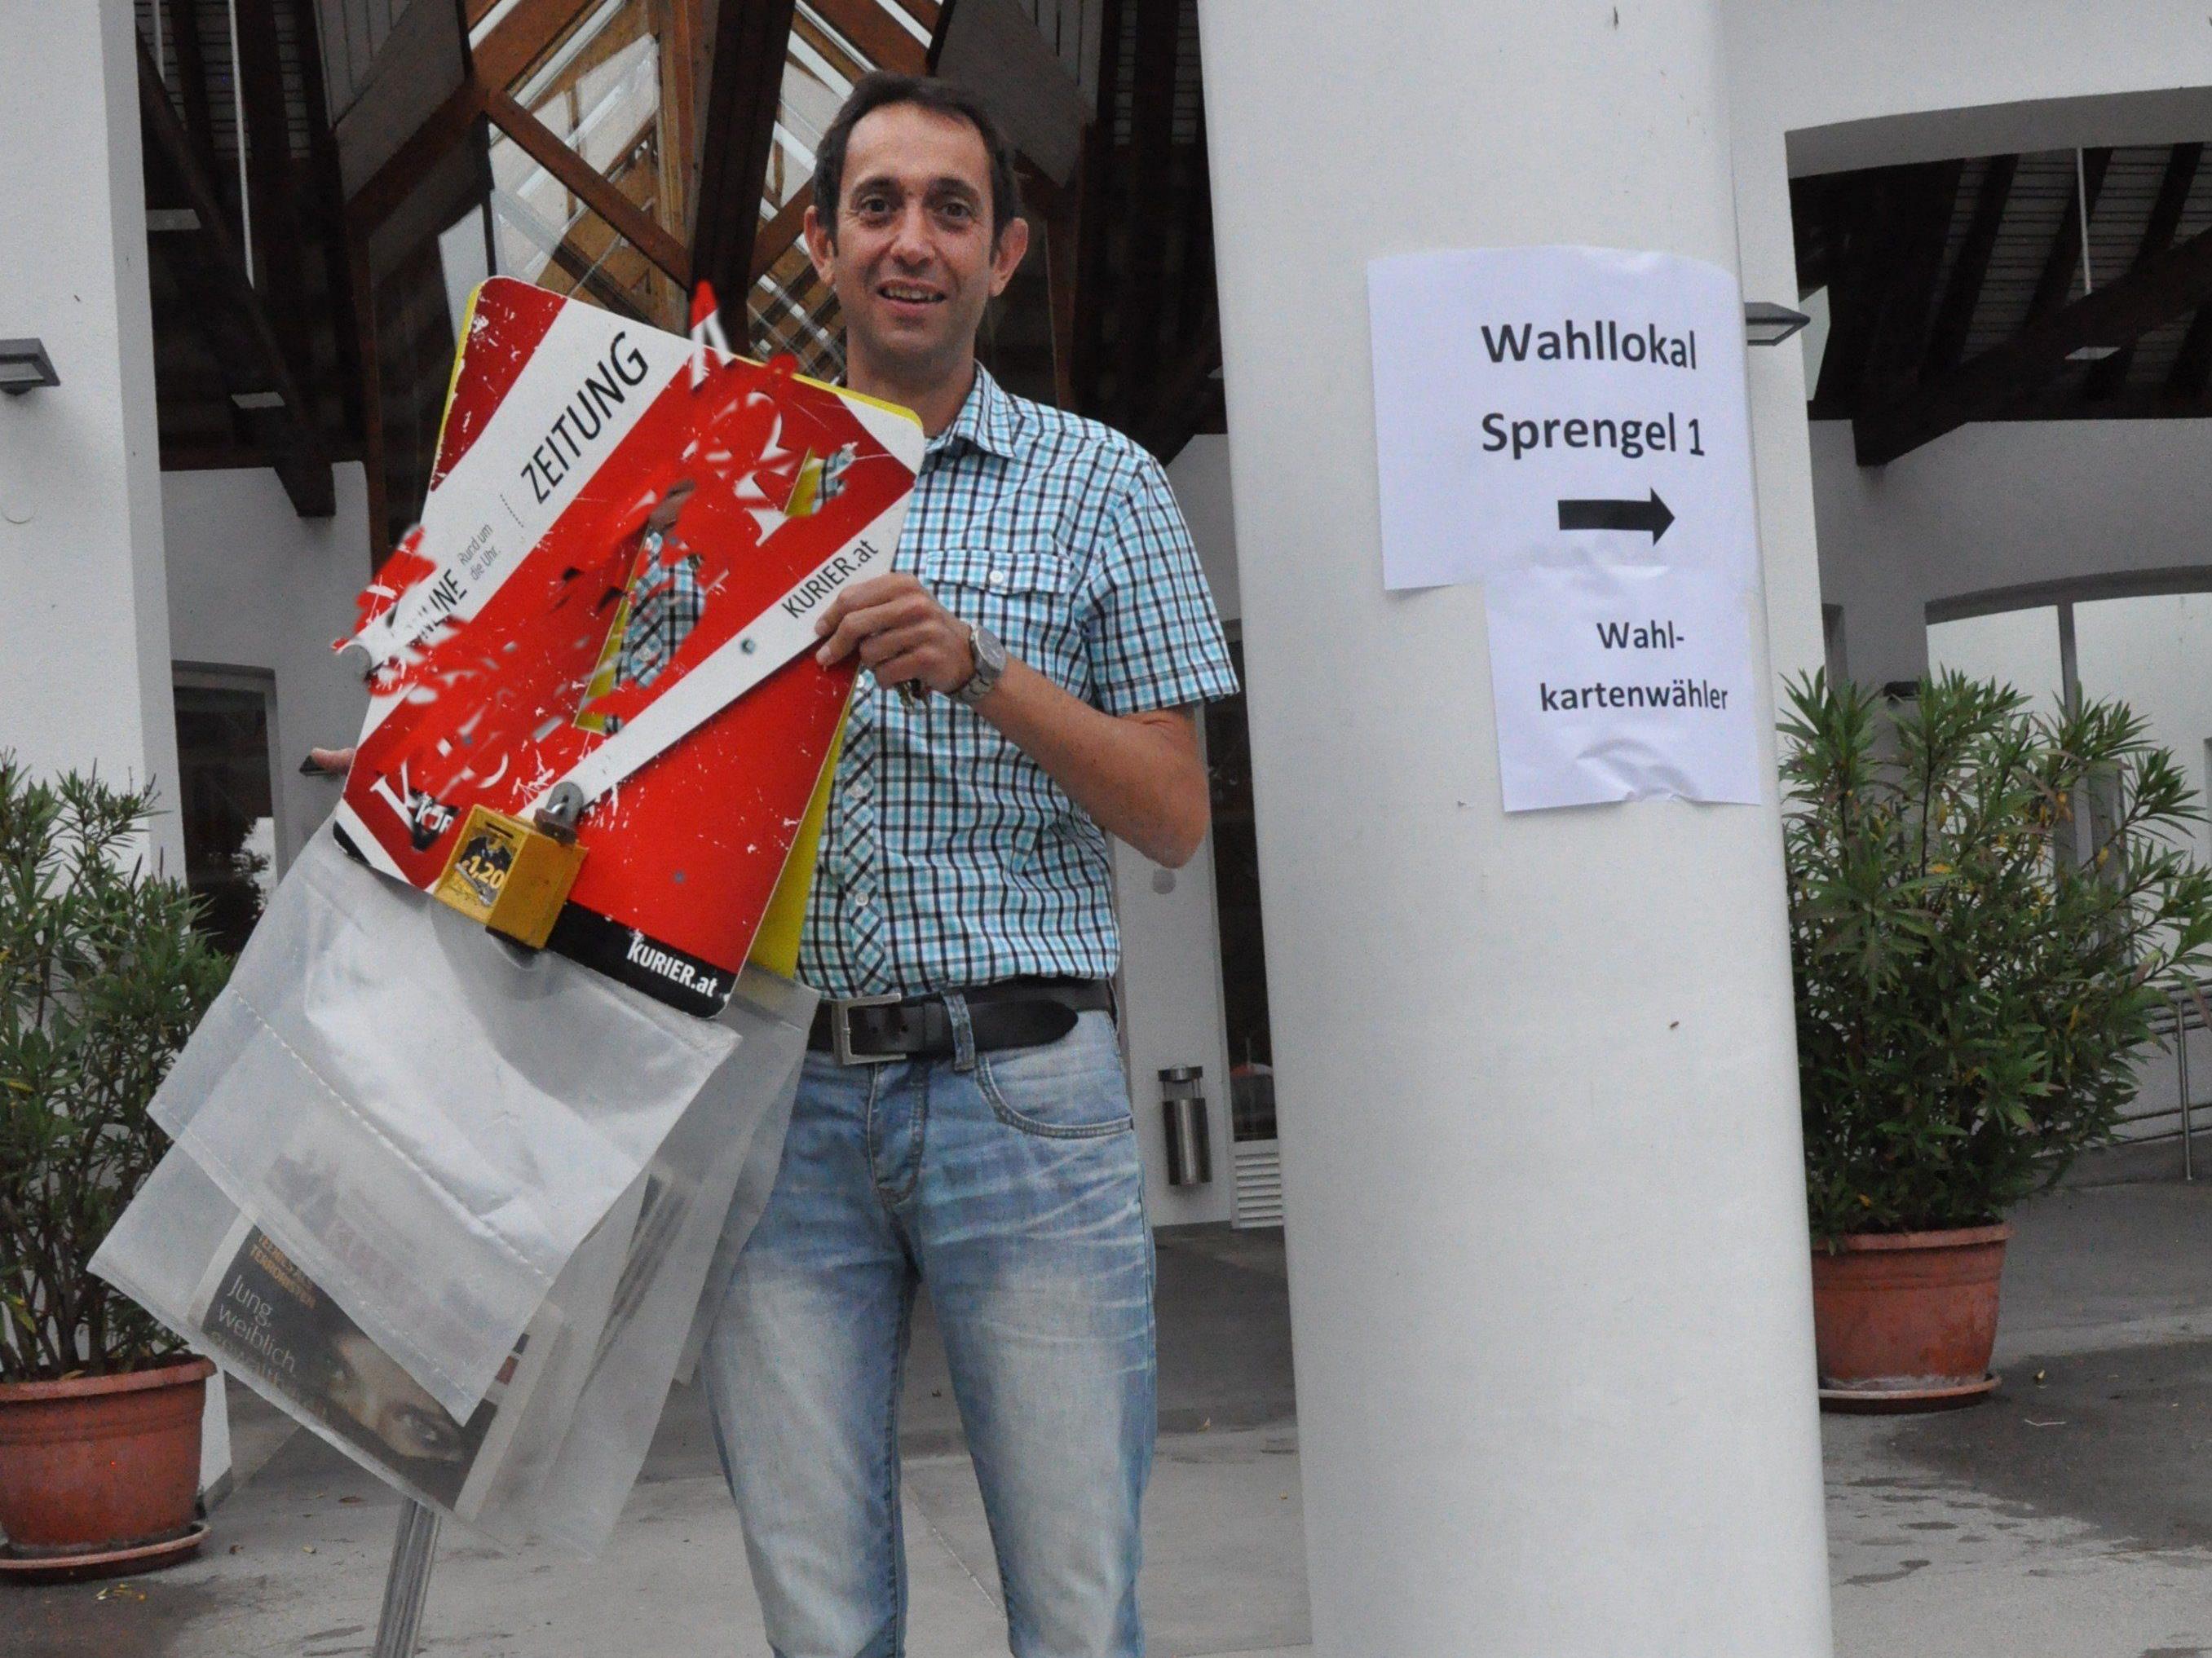 Die Wahlwerbung vor dem Wahllokal wurde entfernt